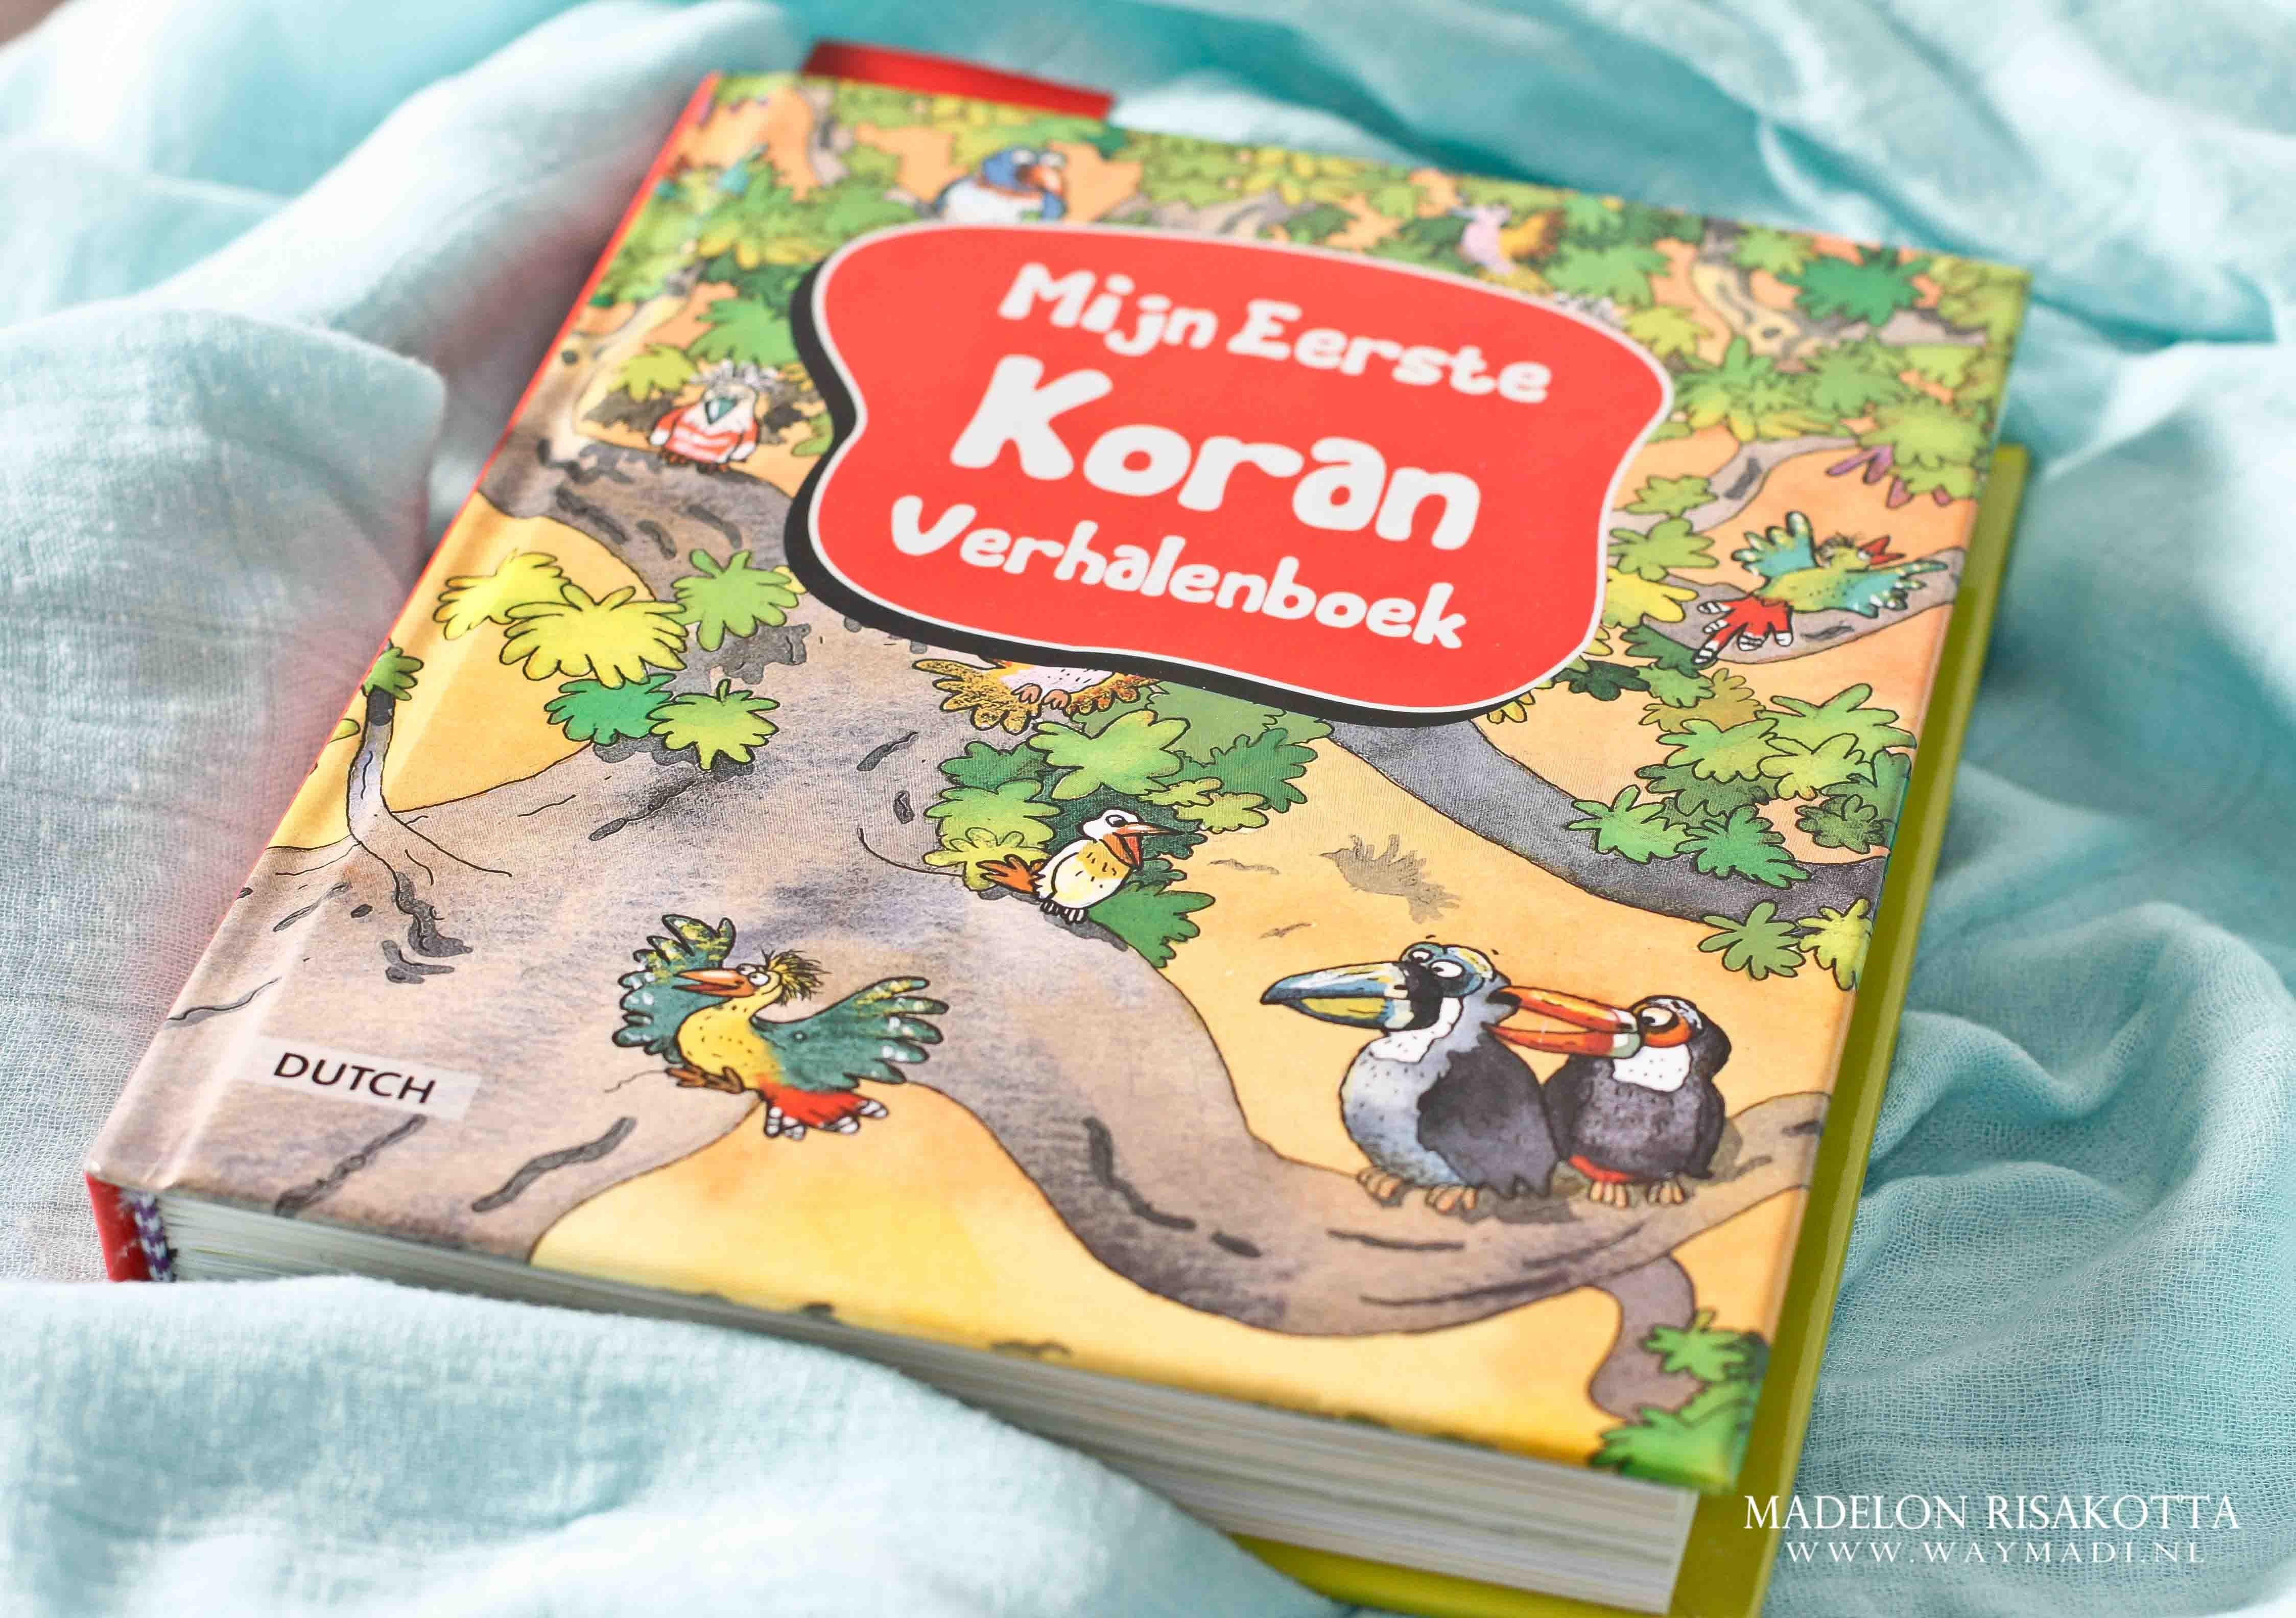 mijn eerste koran verhalenboek-2